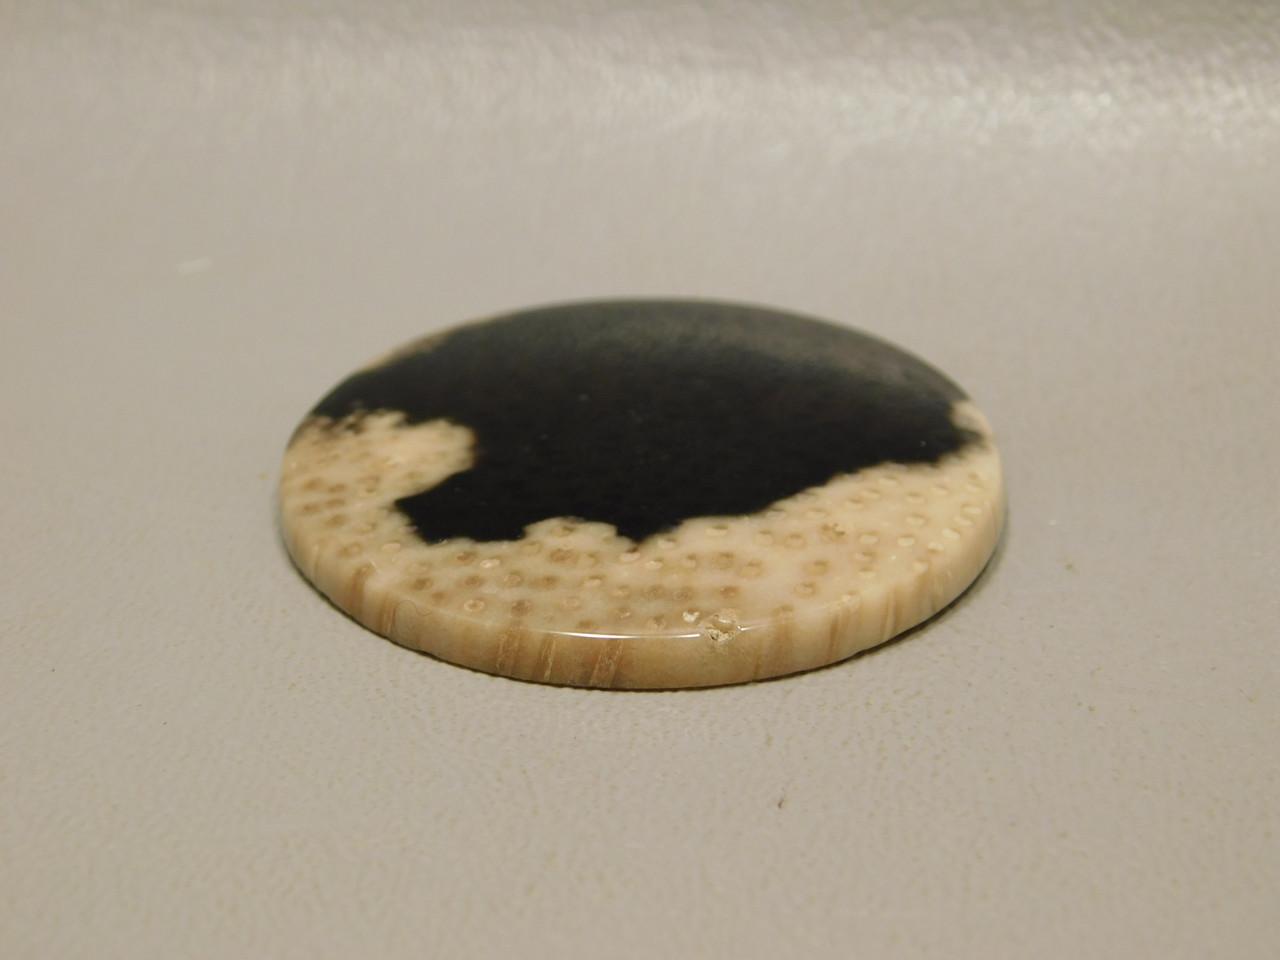 Petrified Palm Wood 41 mm Round Semiprecious Stone Cabochon #4